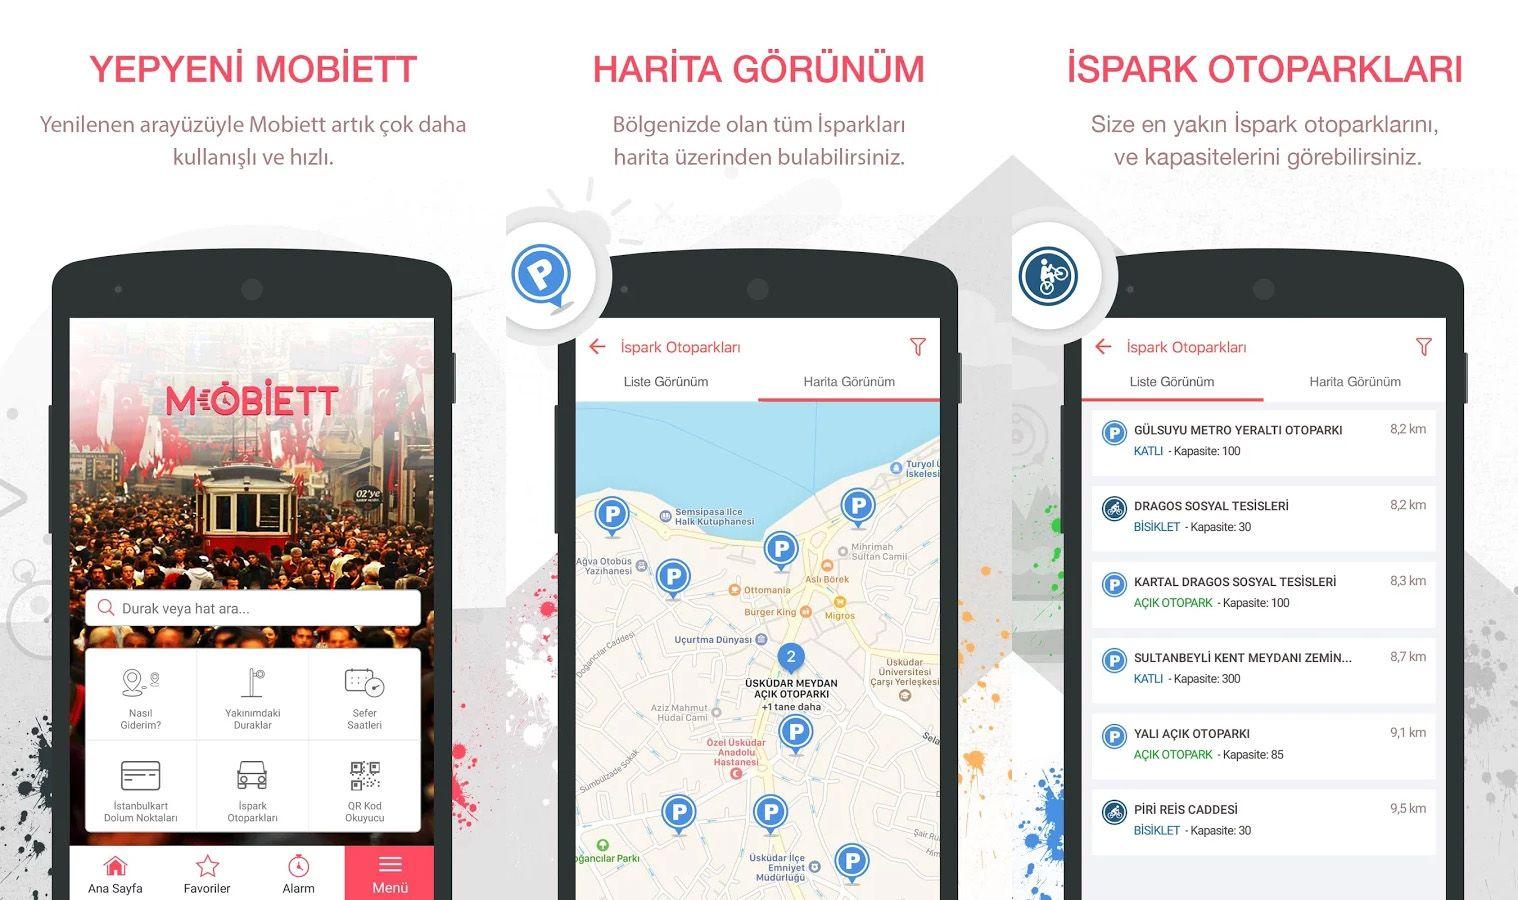 Mobiett Mobil Uygulaması